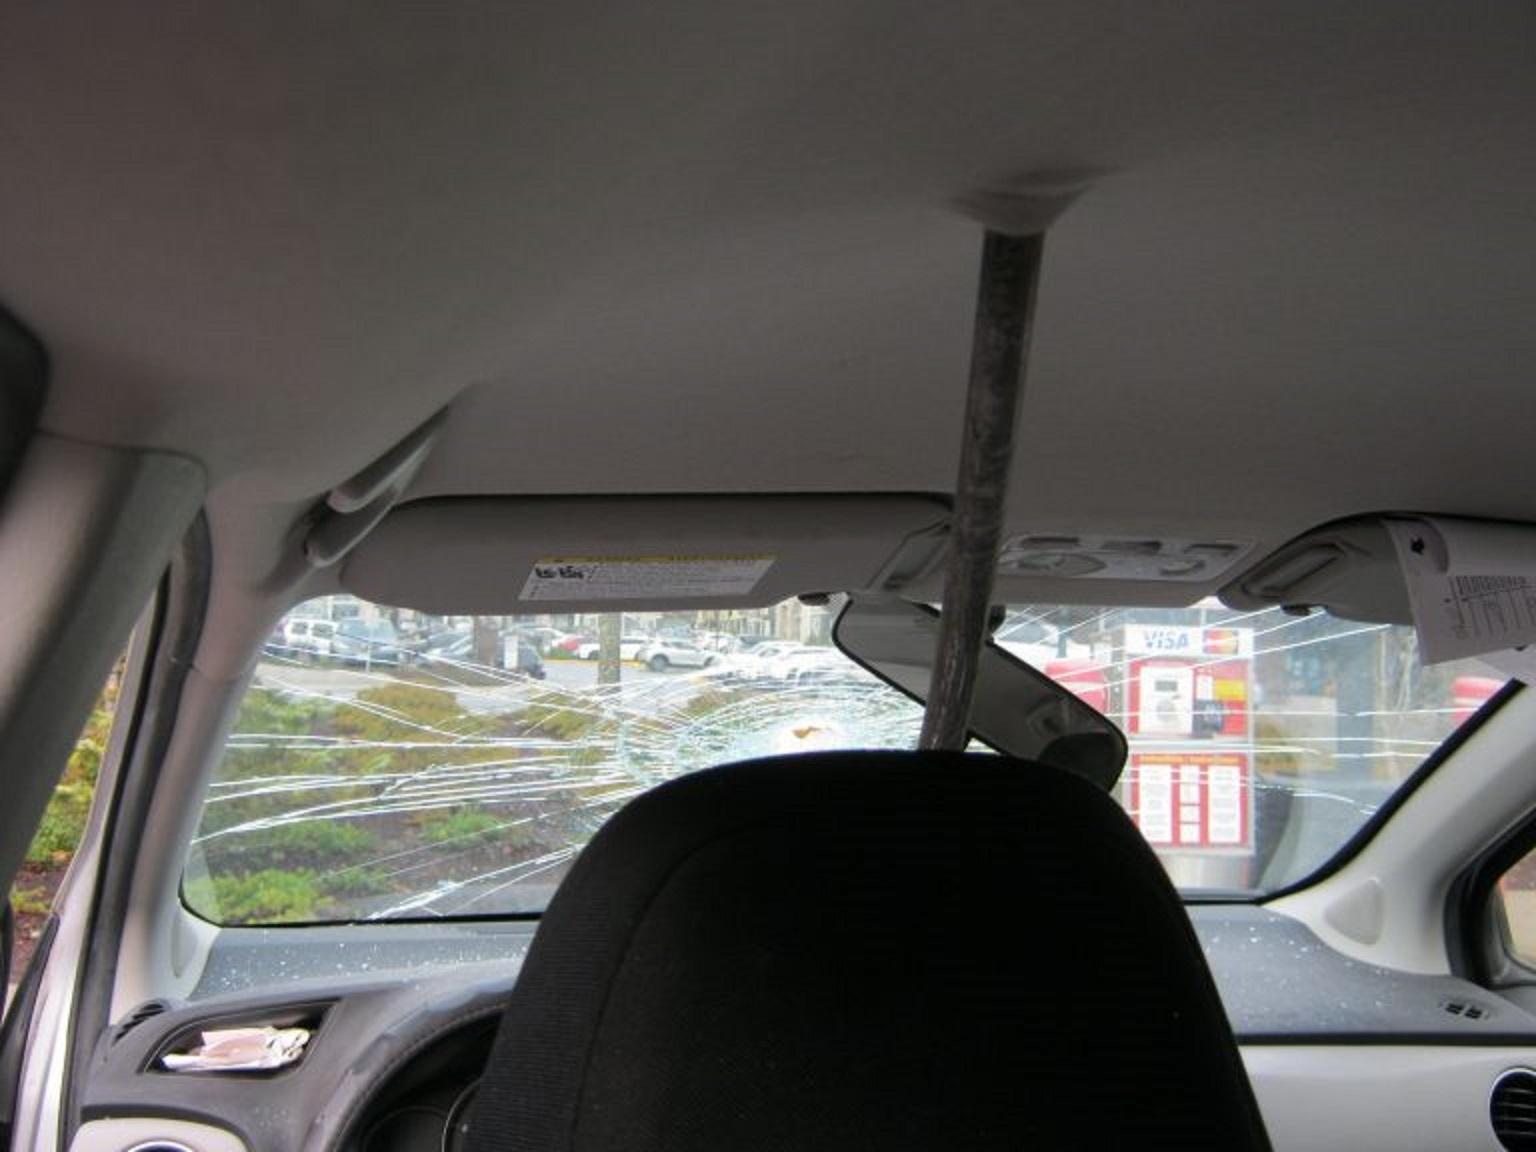 Đang lái xe bon bon, bỗng bị thanh sắt lạ bay vào đâm thủng kính chắn gió - Ảnh 2.